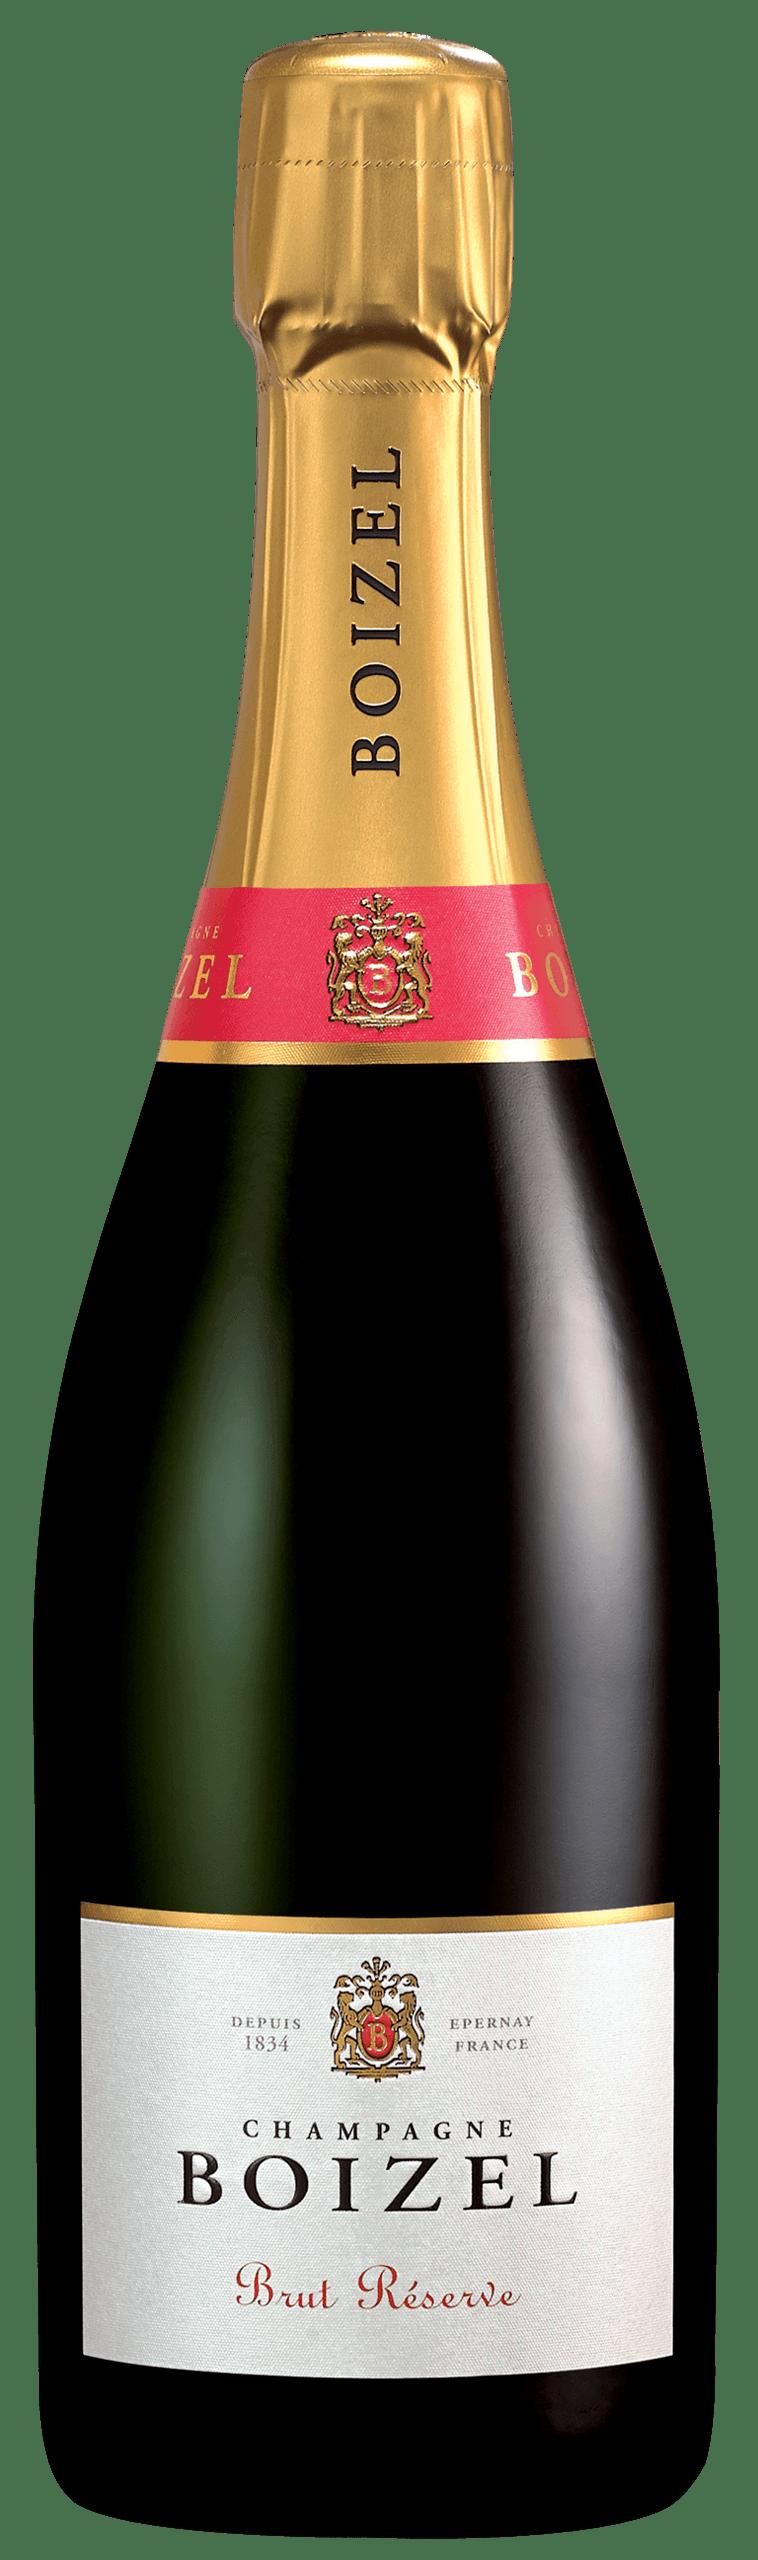 Brut Réserve - Champagne Boizel - Epernay France